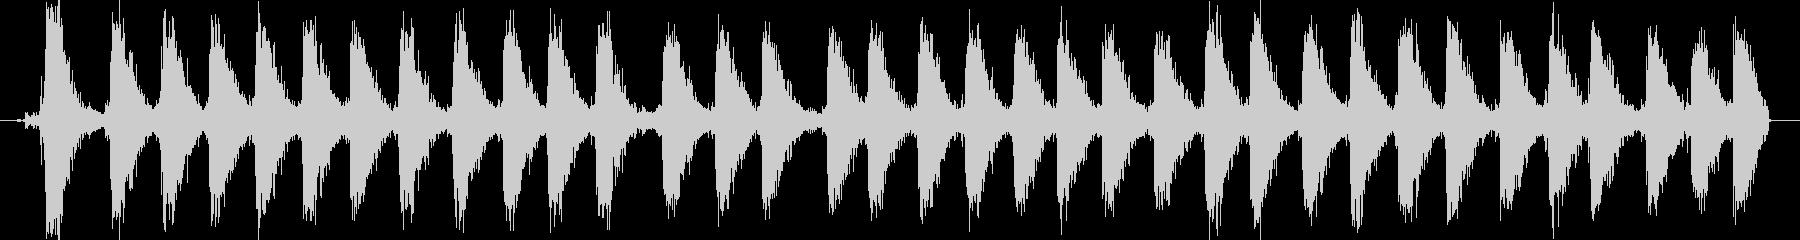 【銃声音016】マシンガンの音の未再生の波形